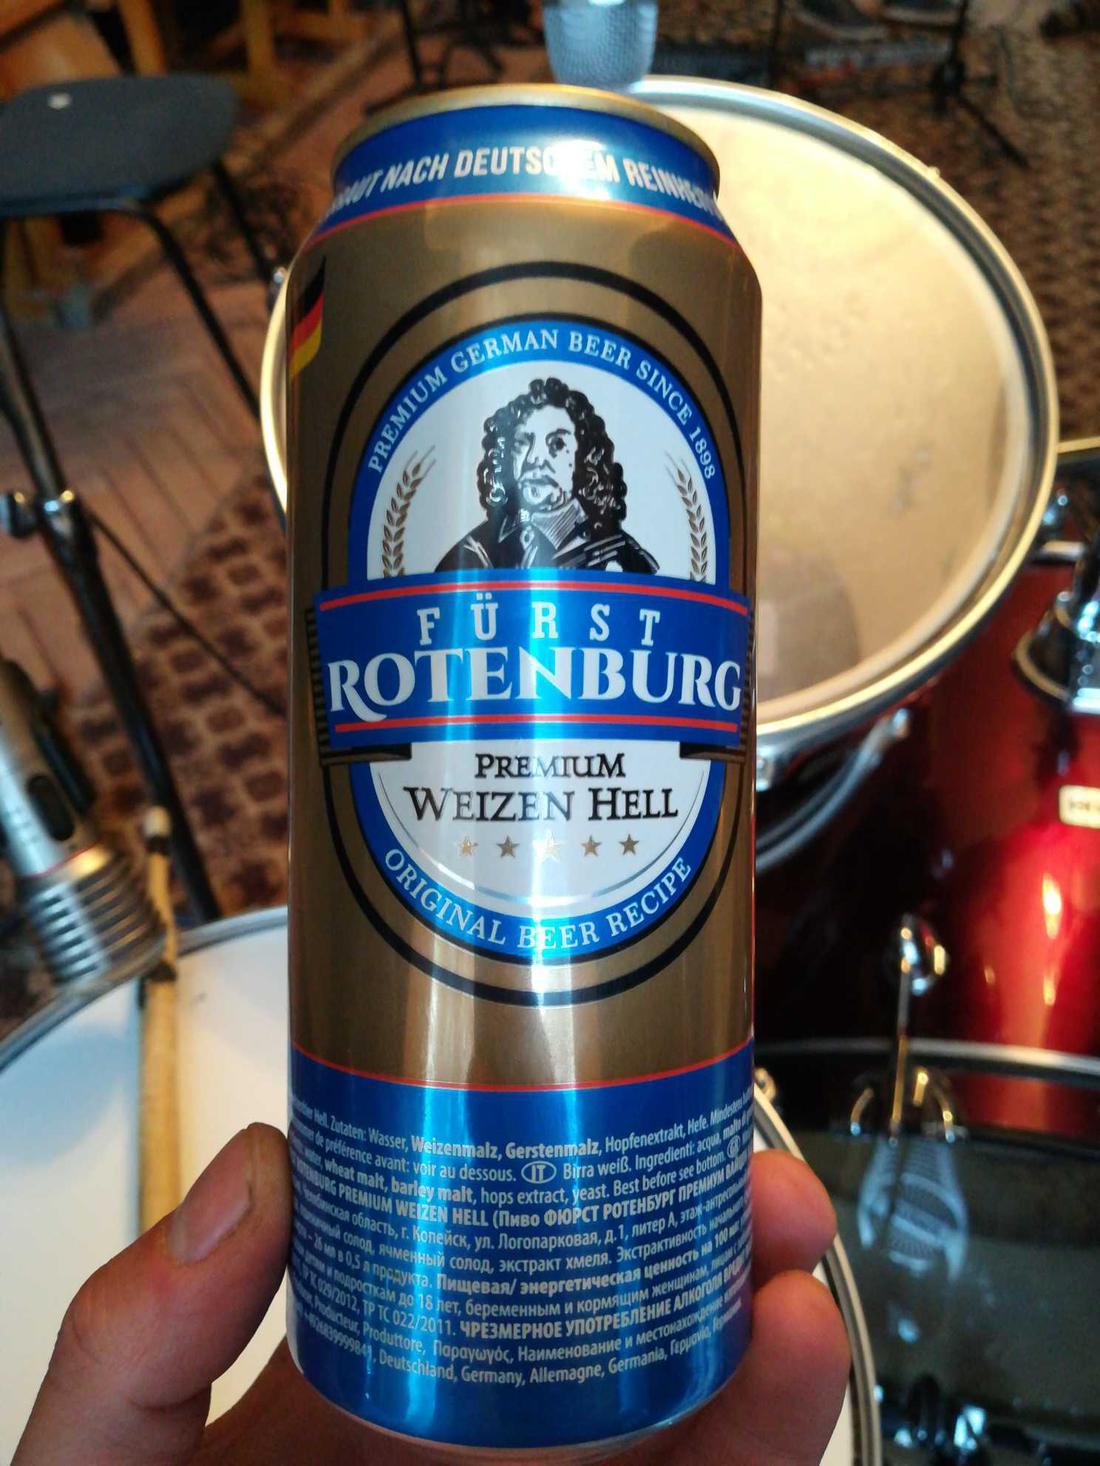 First Rotenburg premium